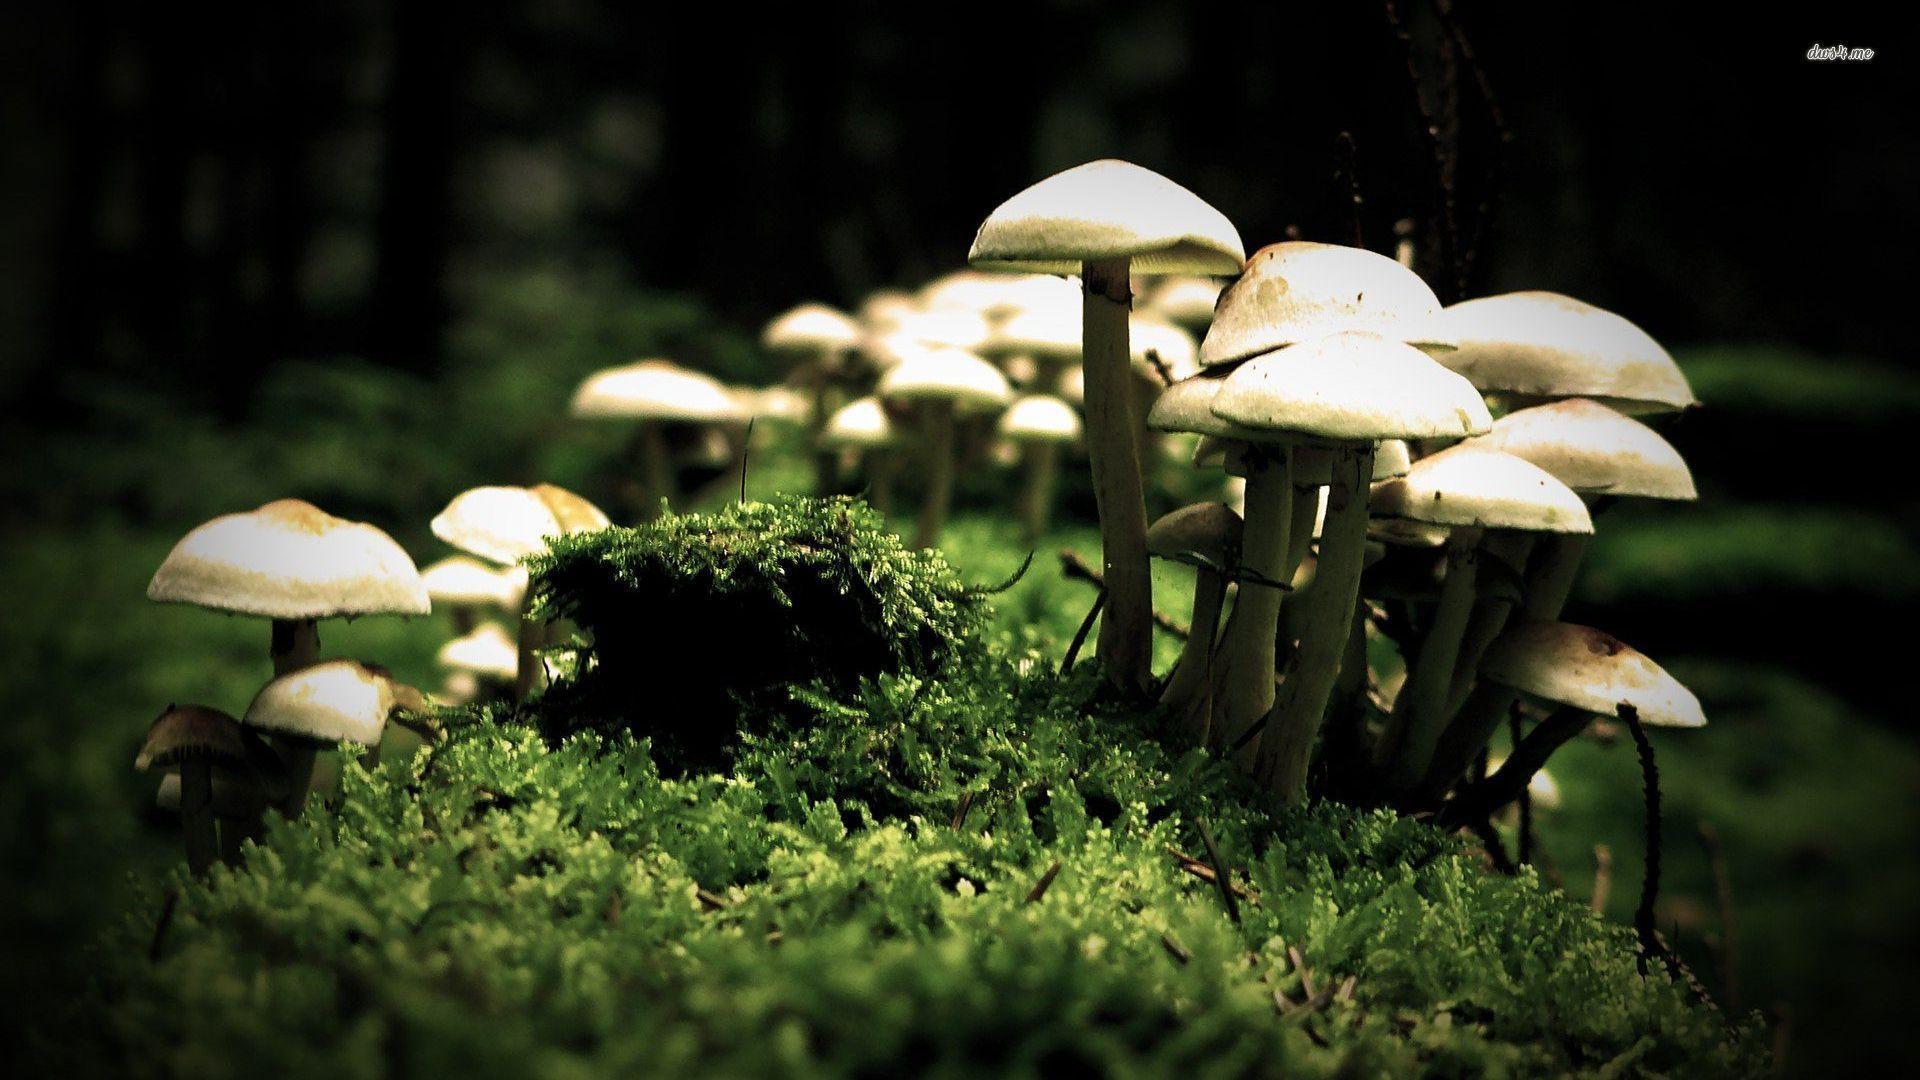 Mushrooms Desktop Wallpapers THIS Wallpaper